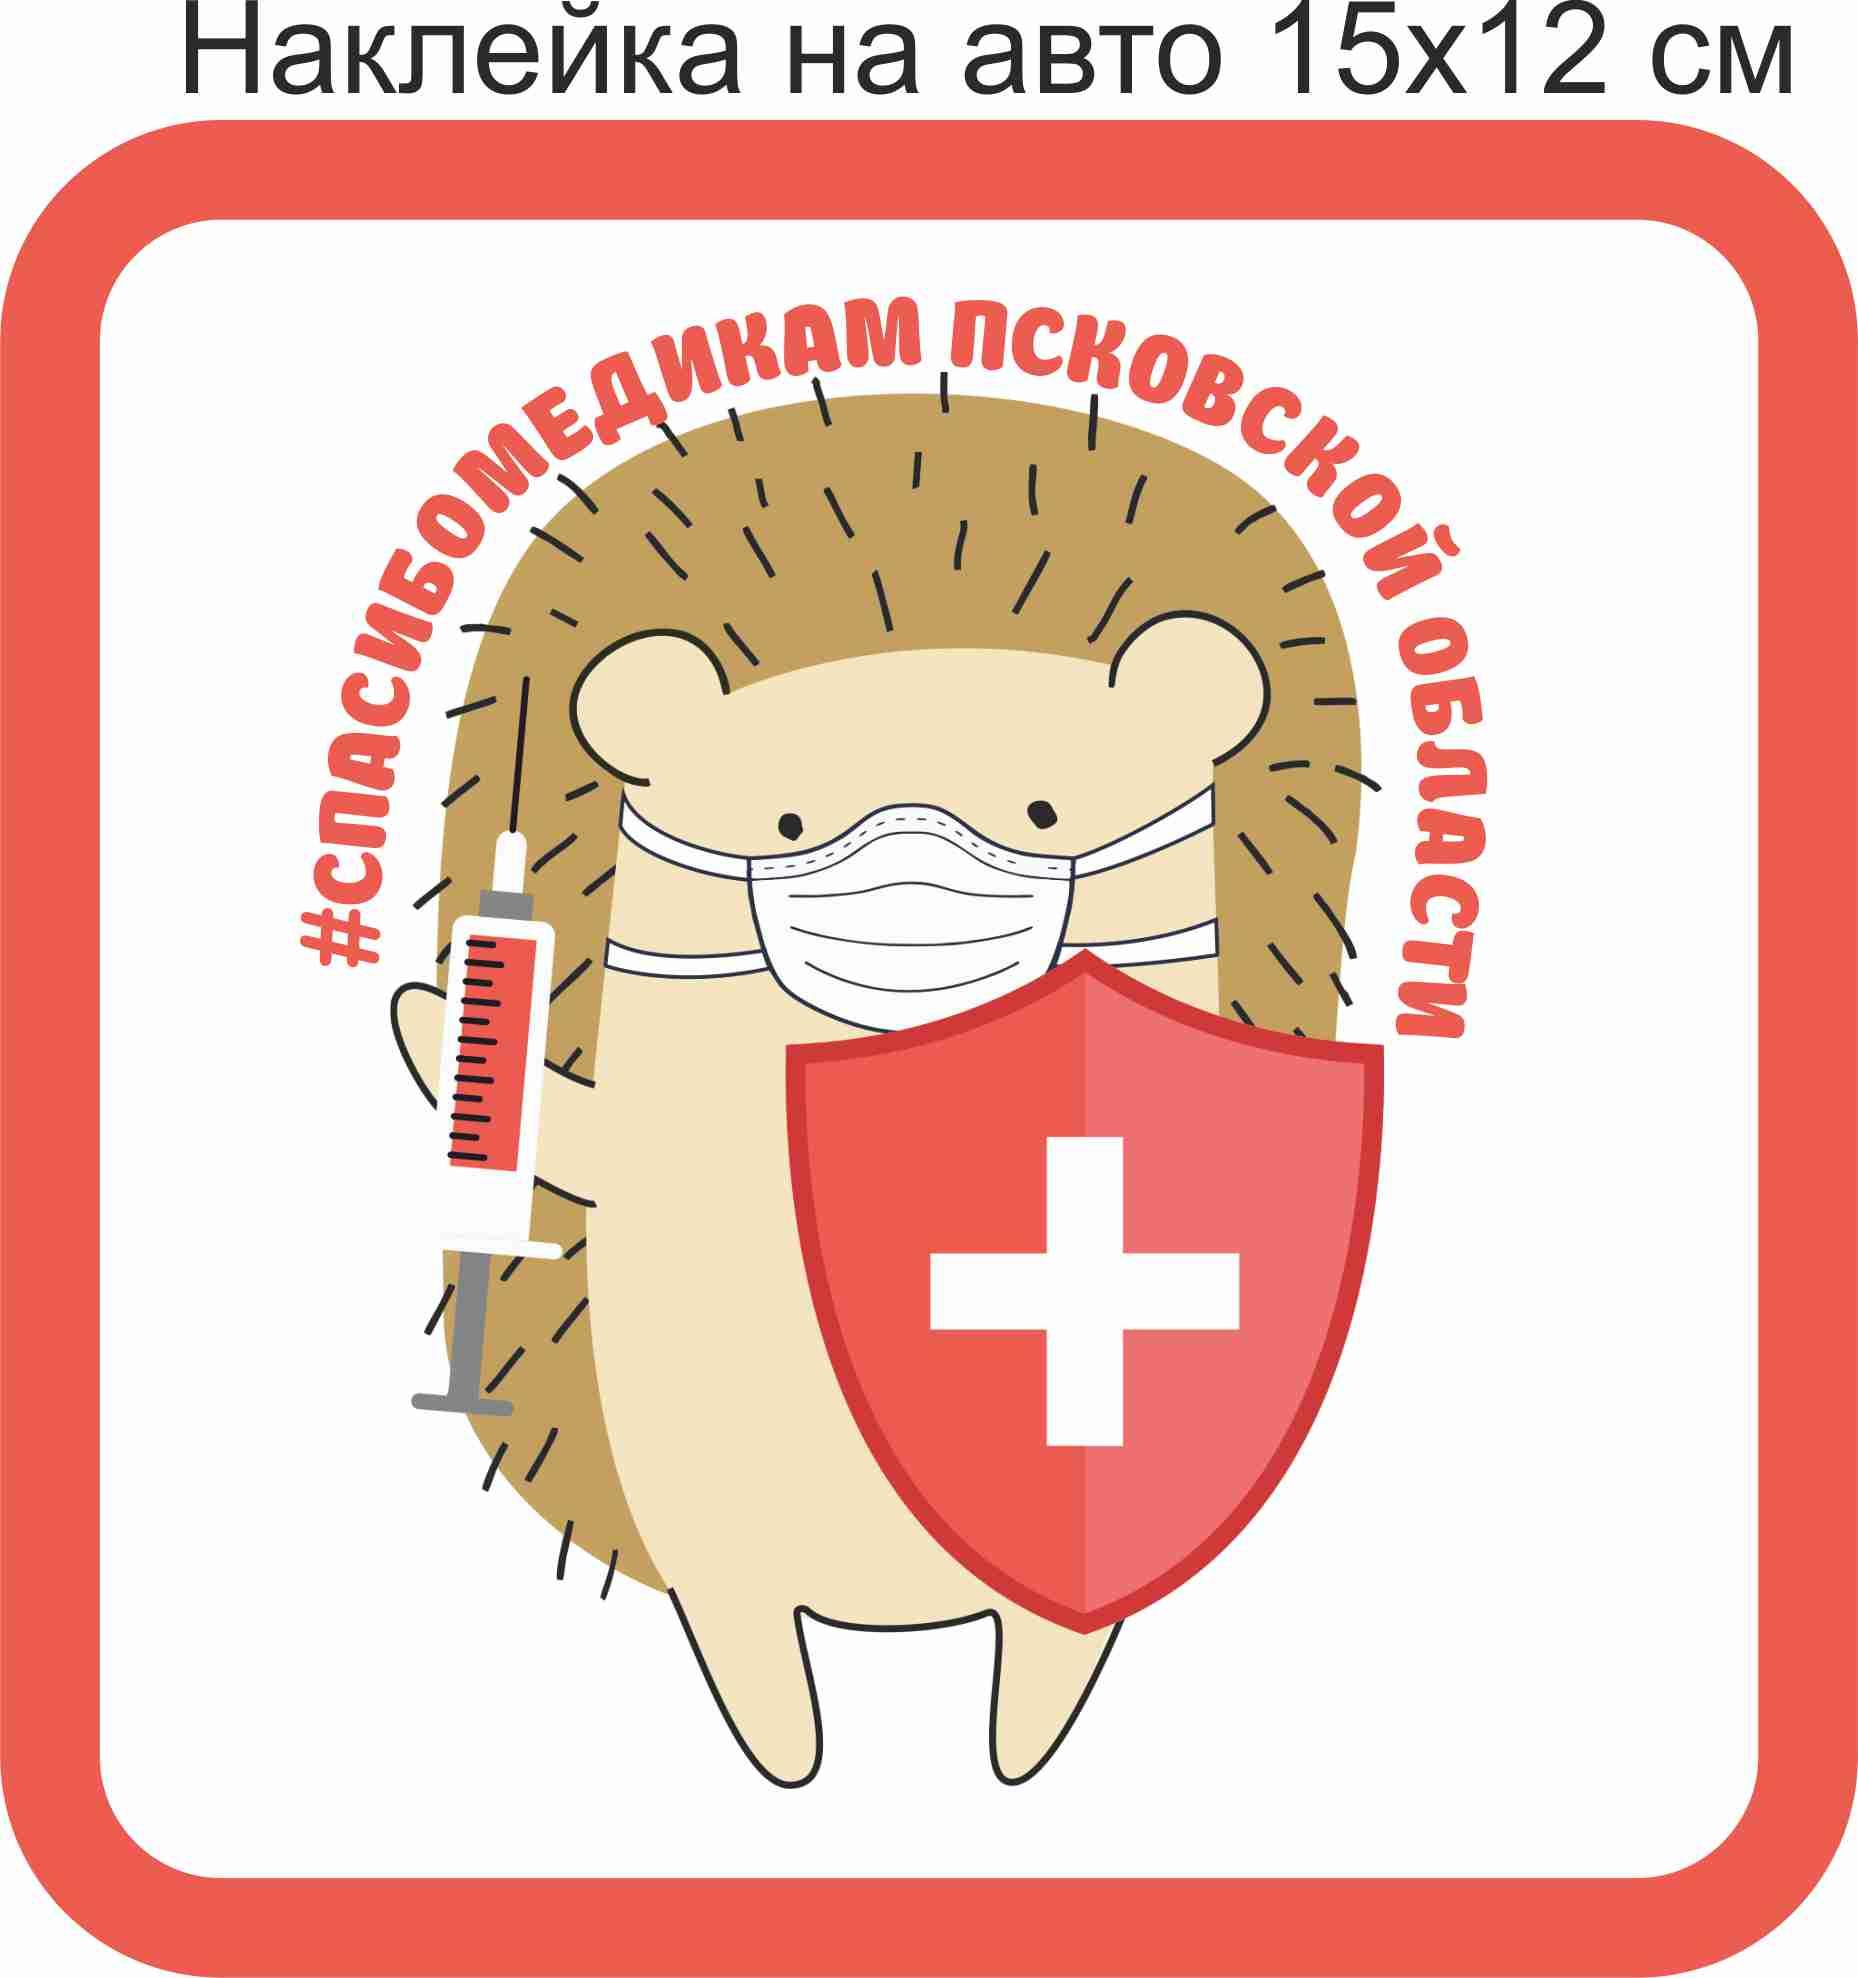 Наклейка на стекло автомобиля с символикой благотворительной акции #СпасибоМедикам Псковской области Image